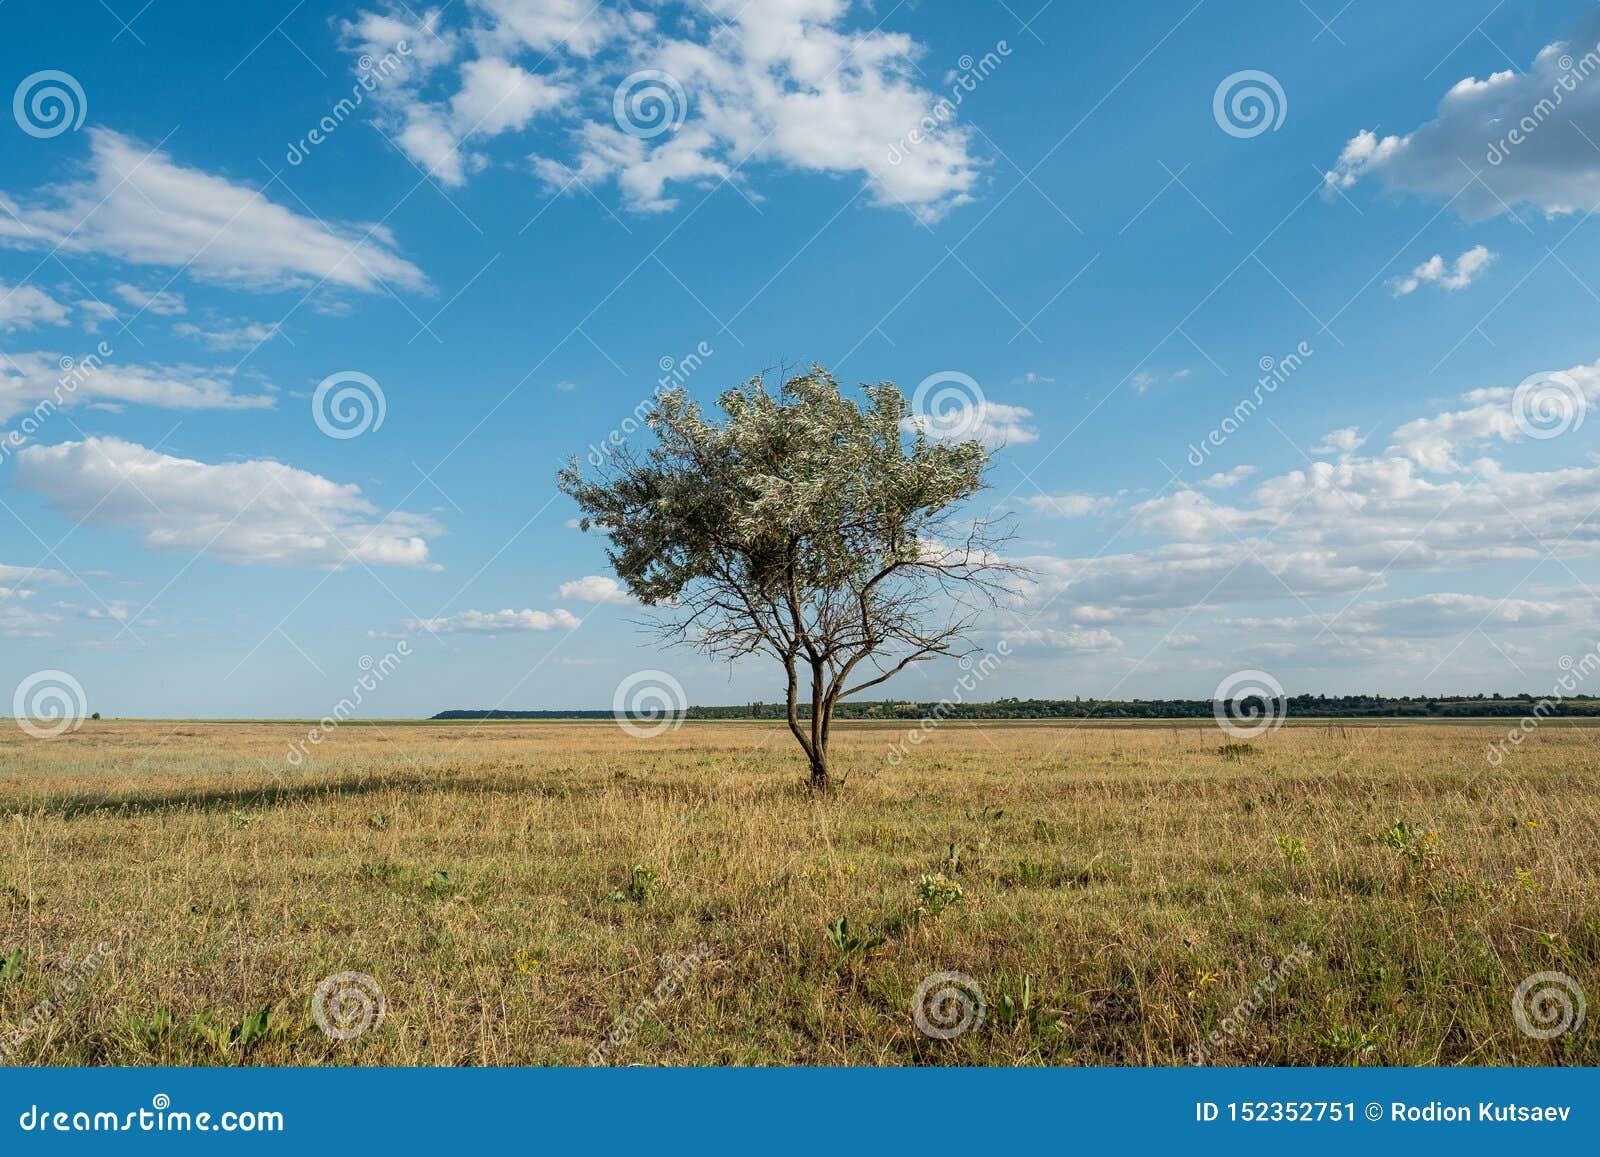 Single tree in summer green grass field landscape clouds blue sky